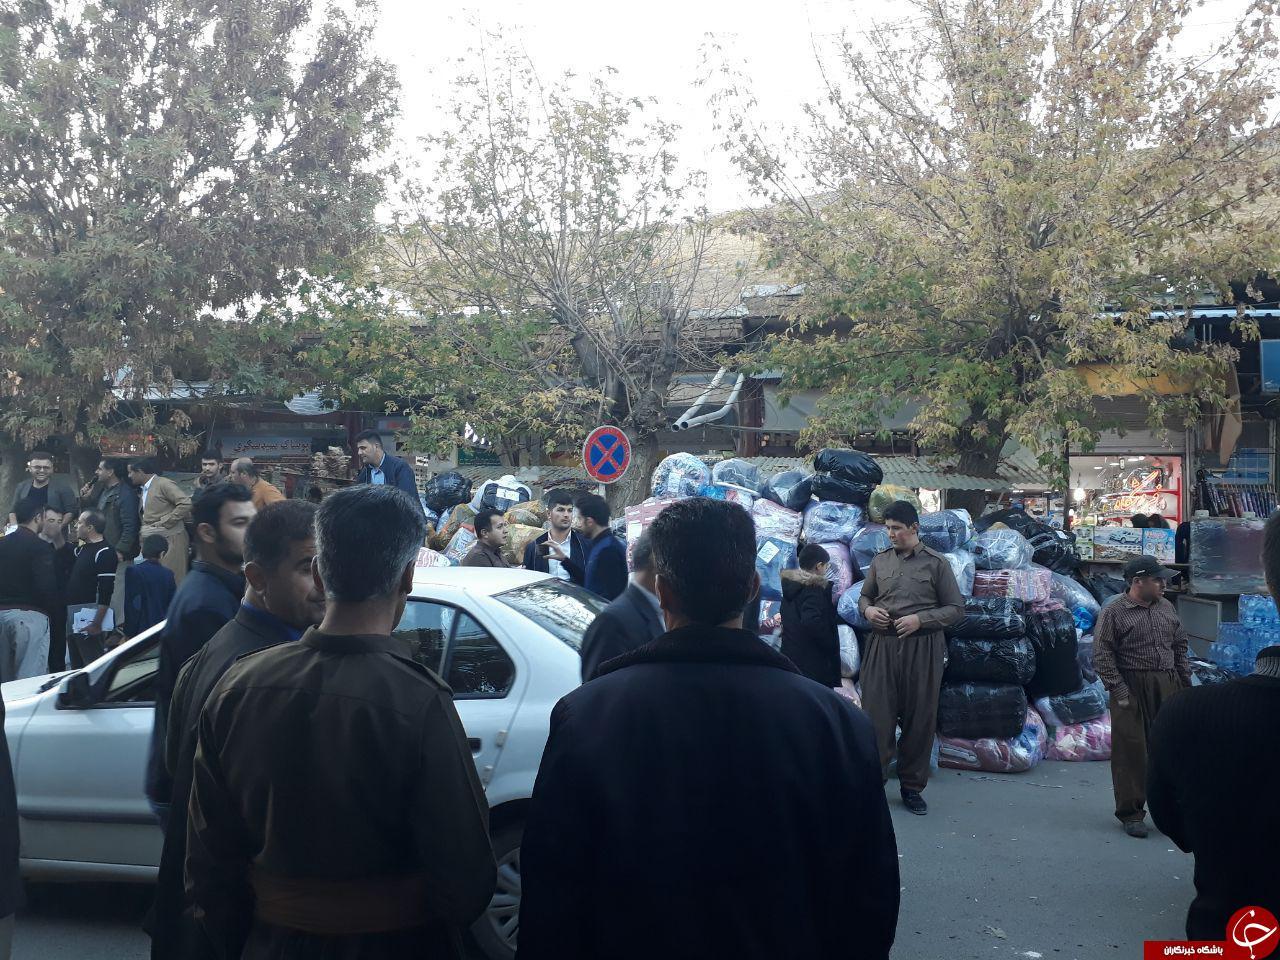 پایگاه جمعآوری کمکهای مردمی پیرانشهر برای زلزلهزدگان + تصاویر